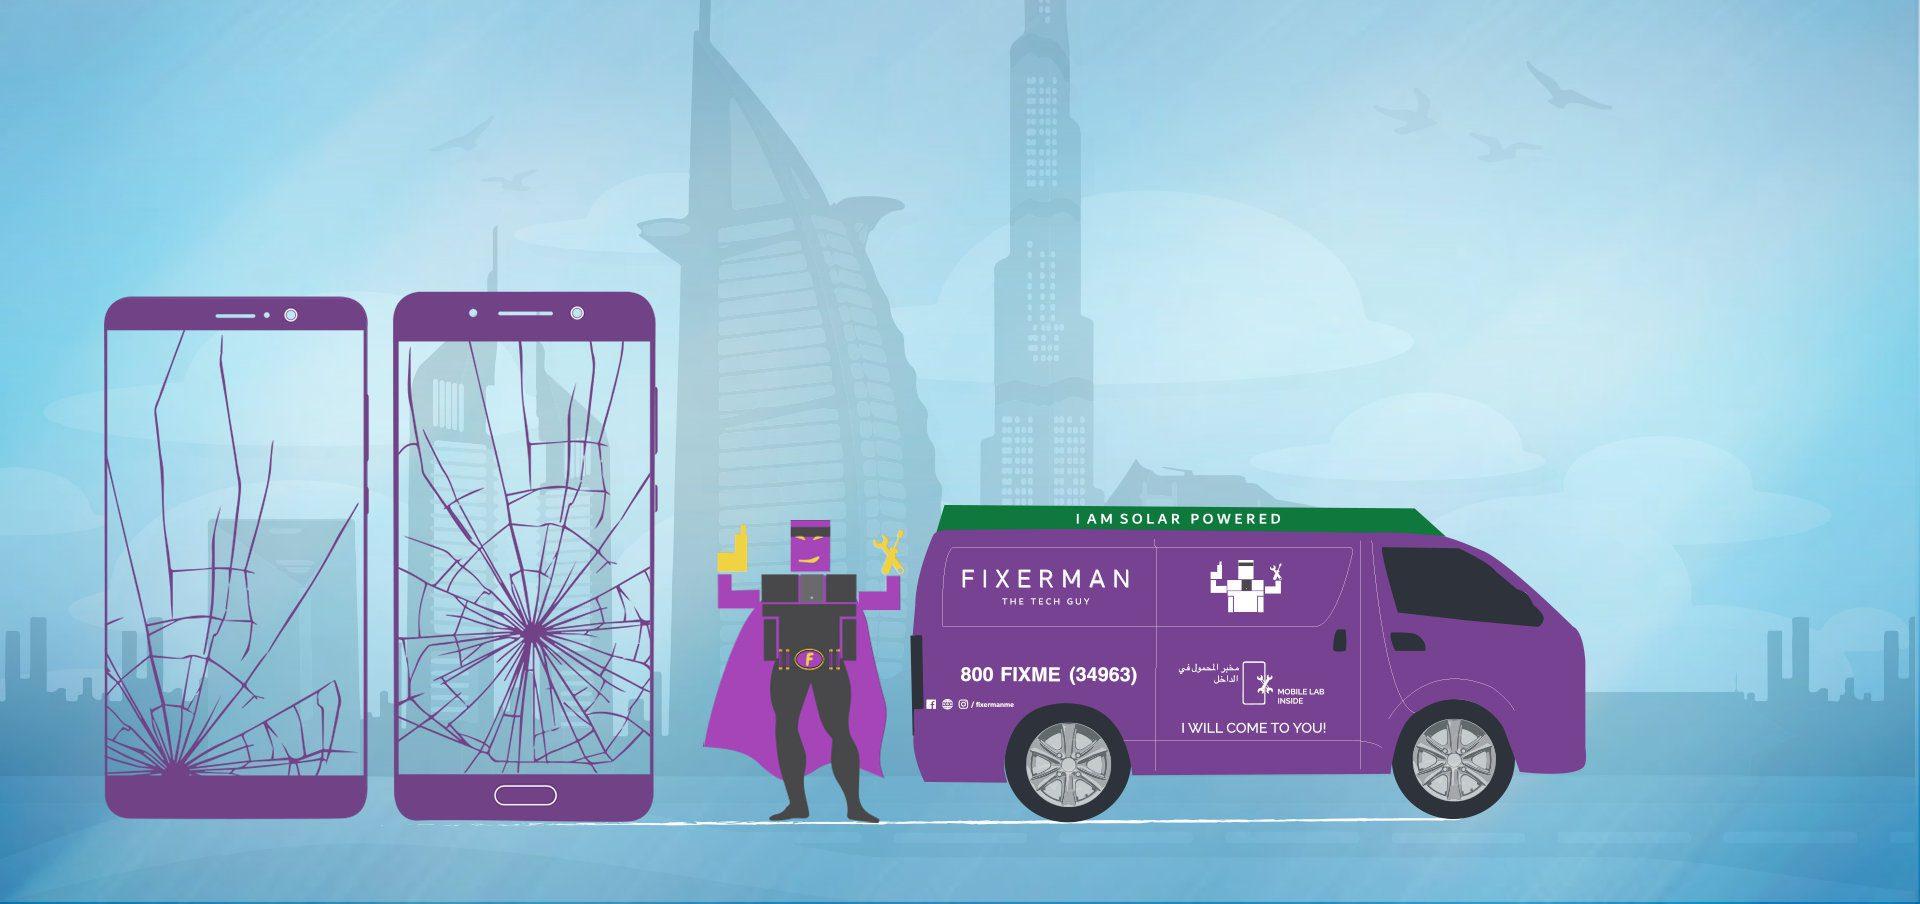 Huawei Mate 9 Repair in Dubai